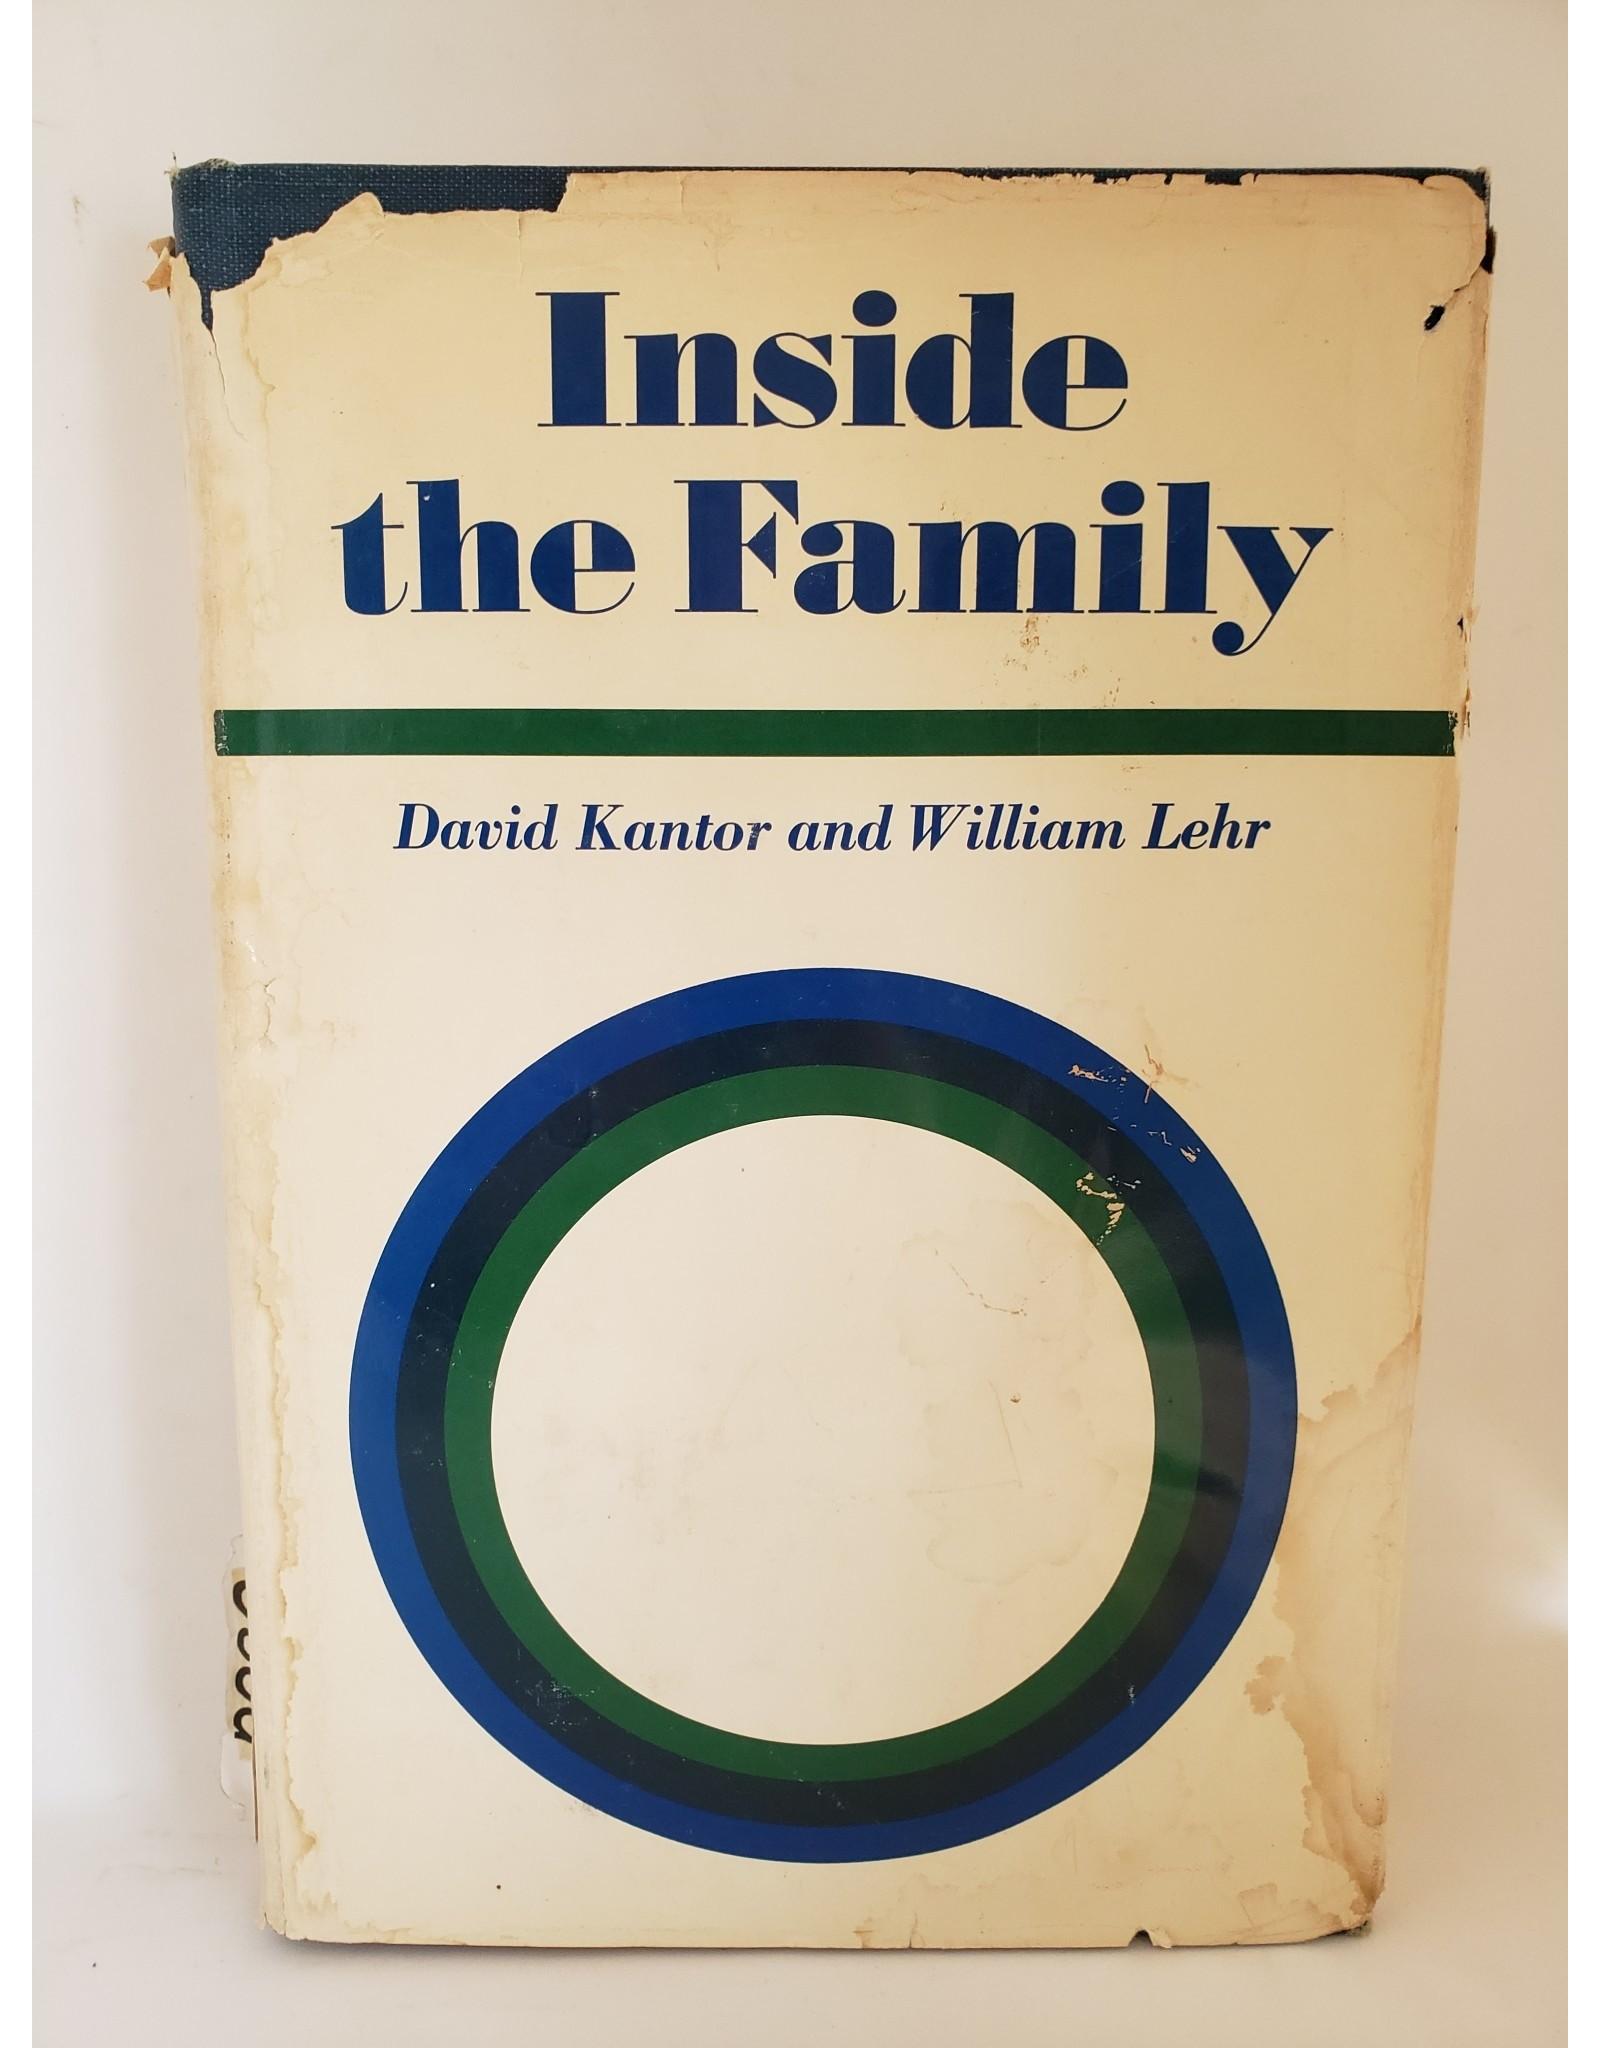 Inside The Family